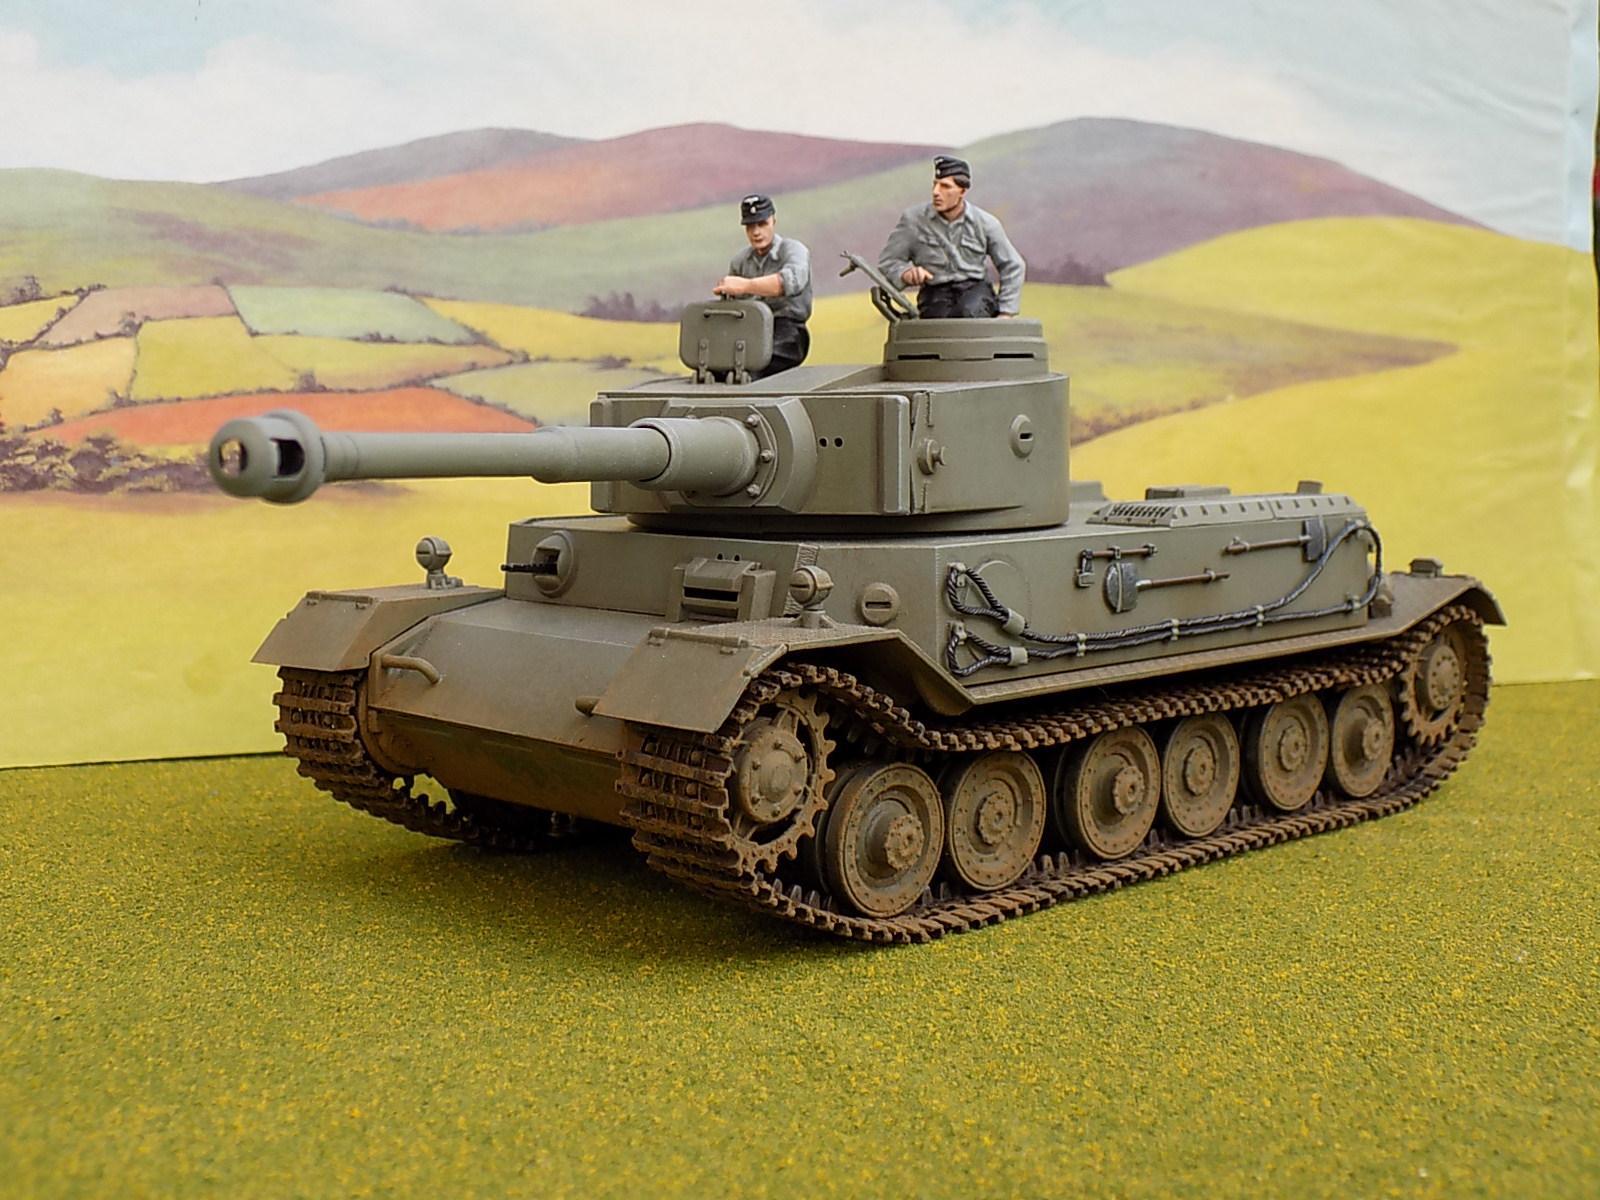 1%3a35, 1:35, Tiger, World War 2